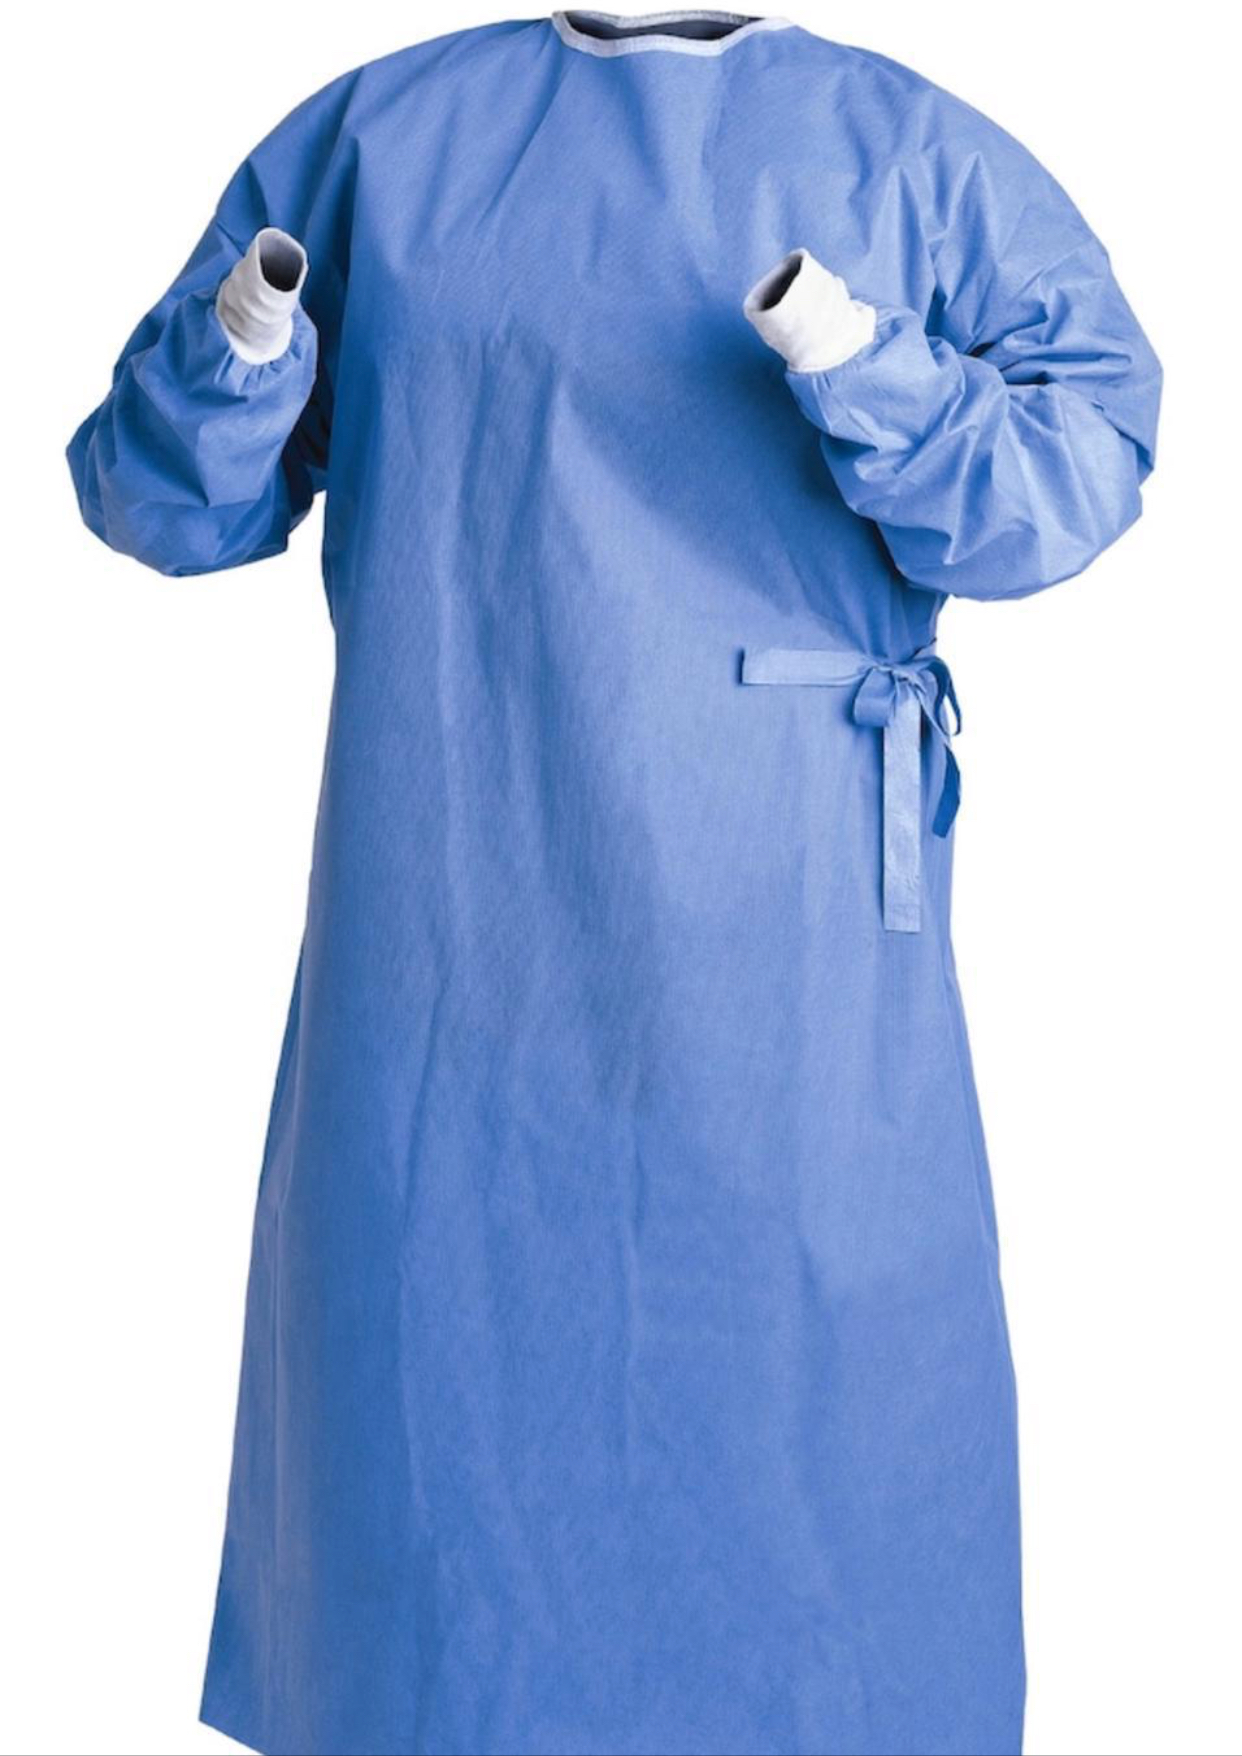 ثوب جراحي - قماش SMS